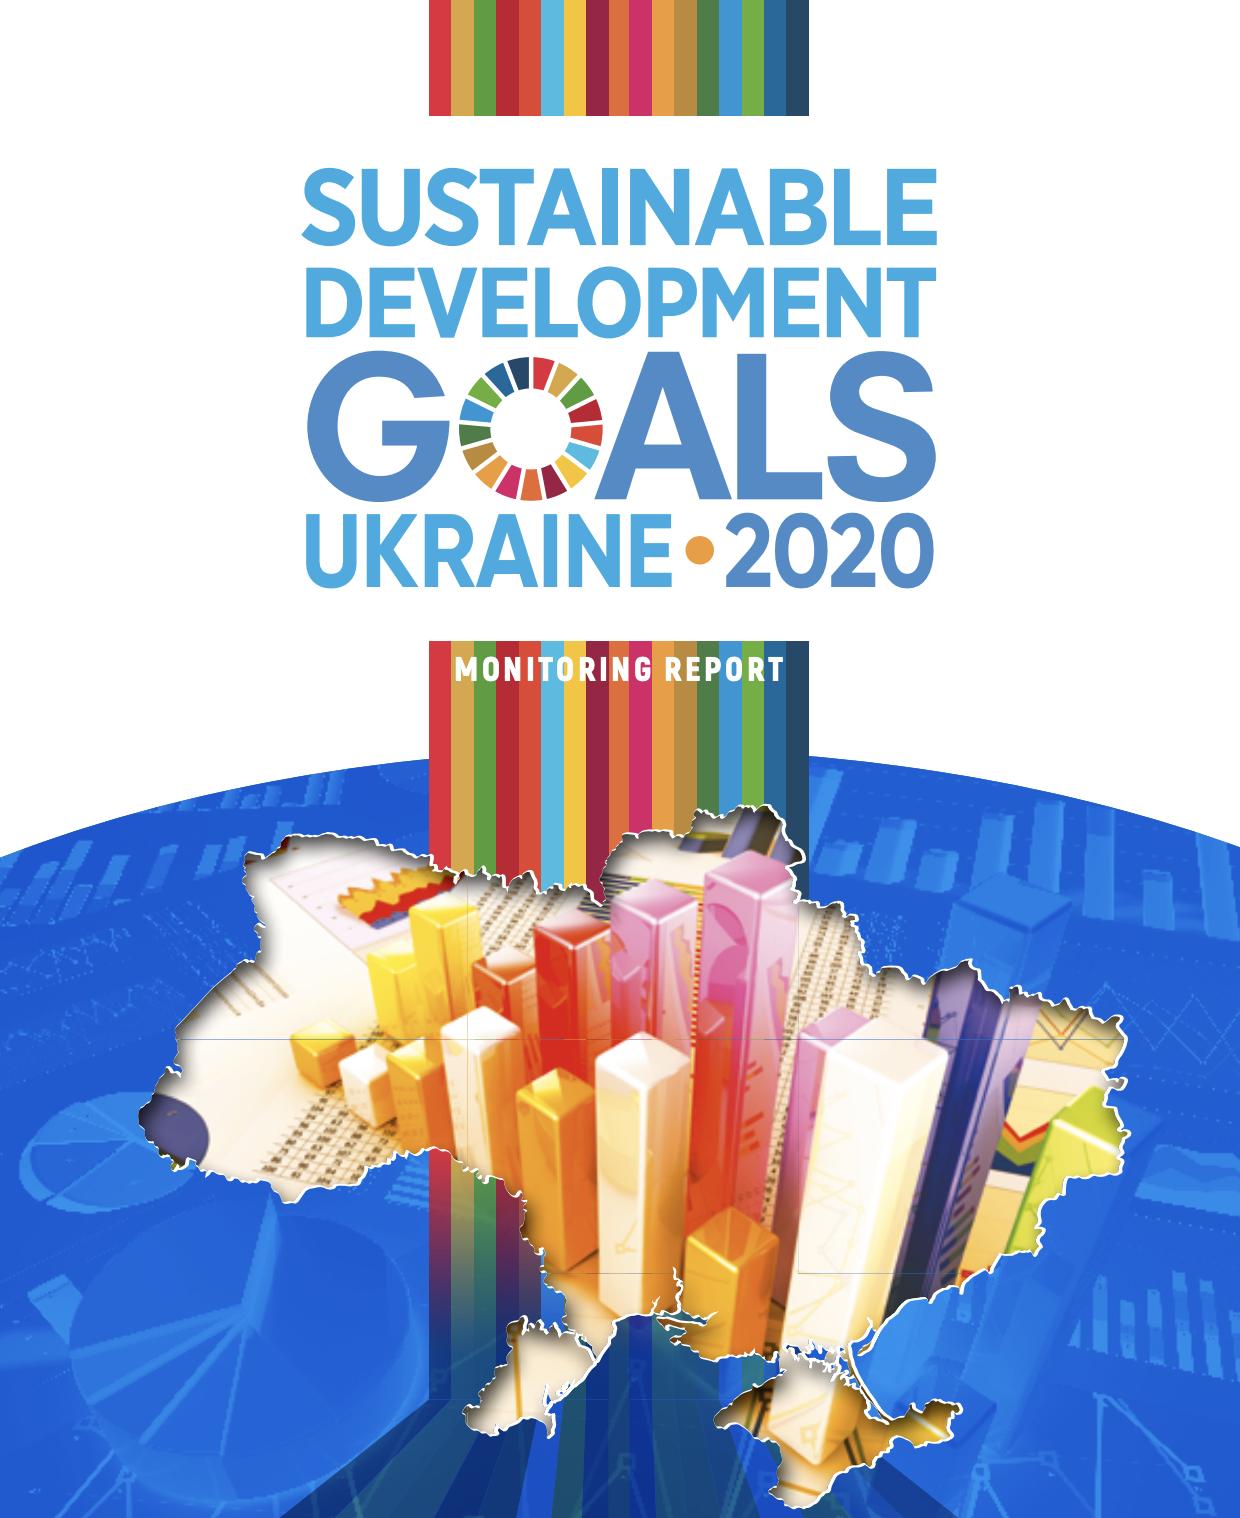 Моніторинговий звіт щодо досягнення Цілей сталого розвитку 2020